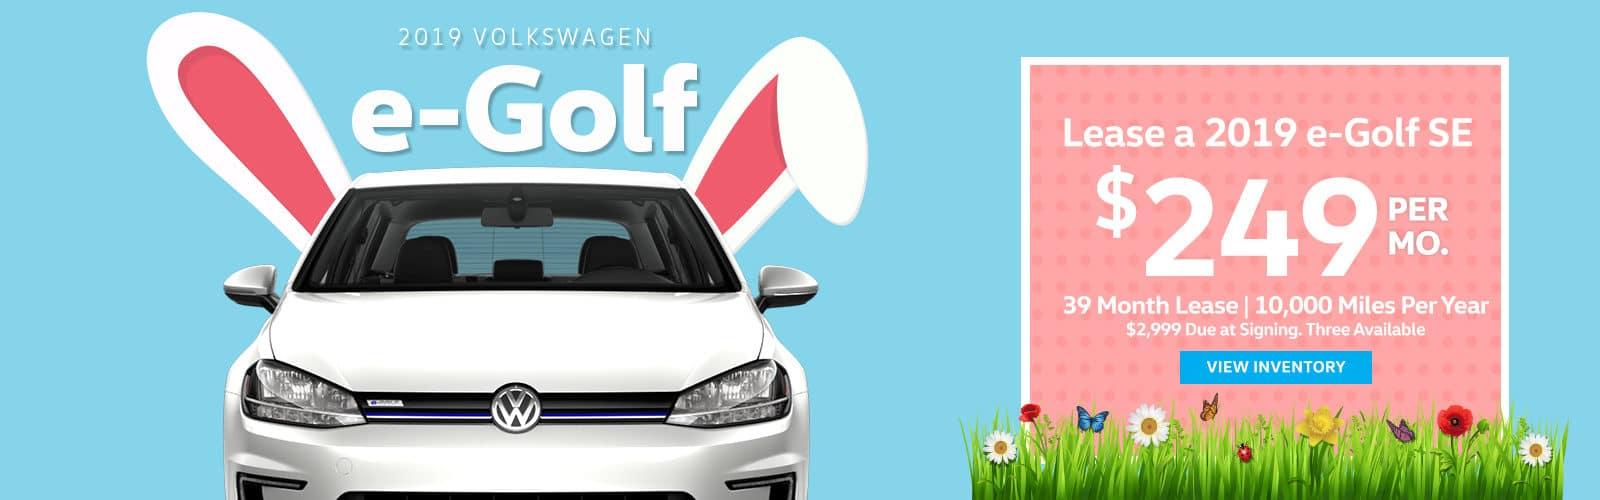 E-Golf Offer